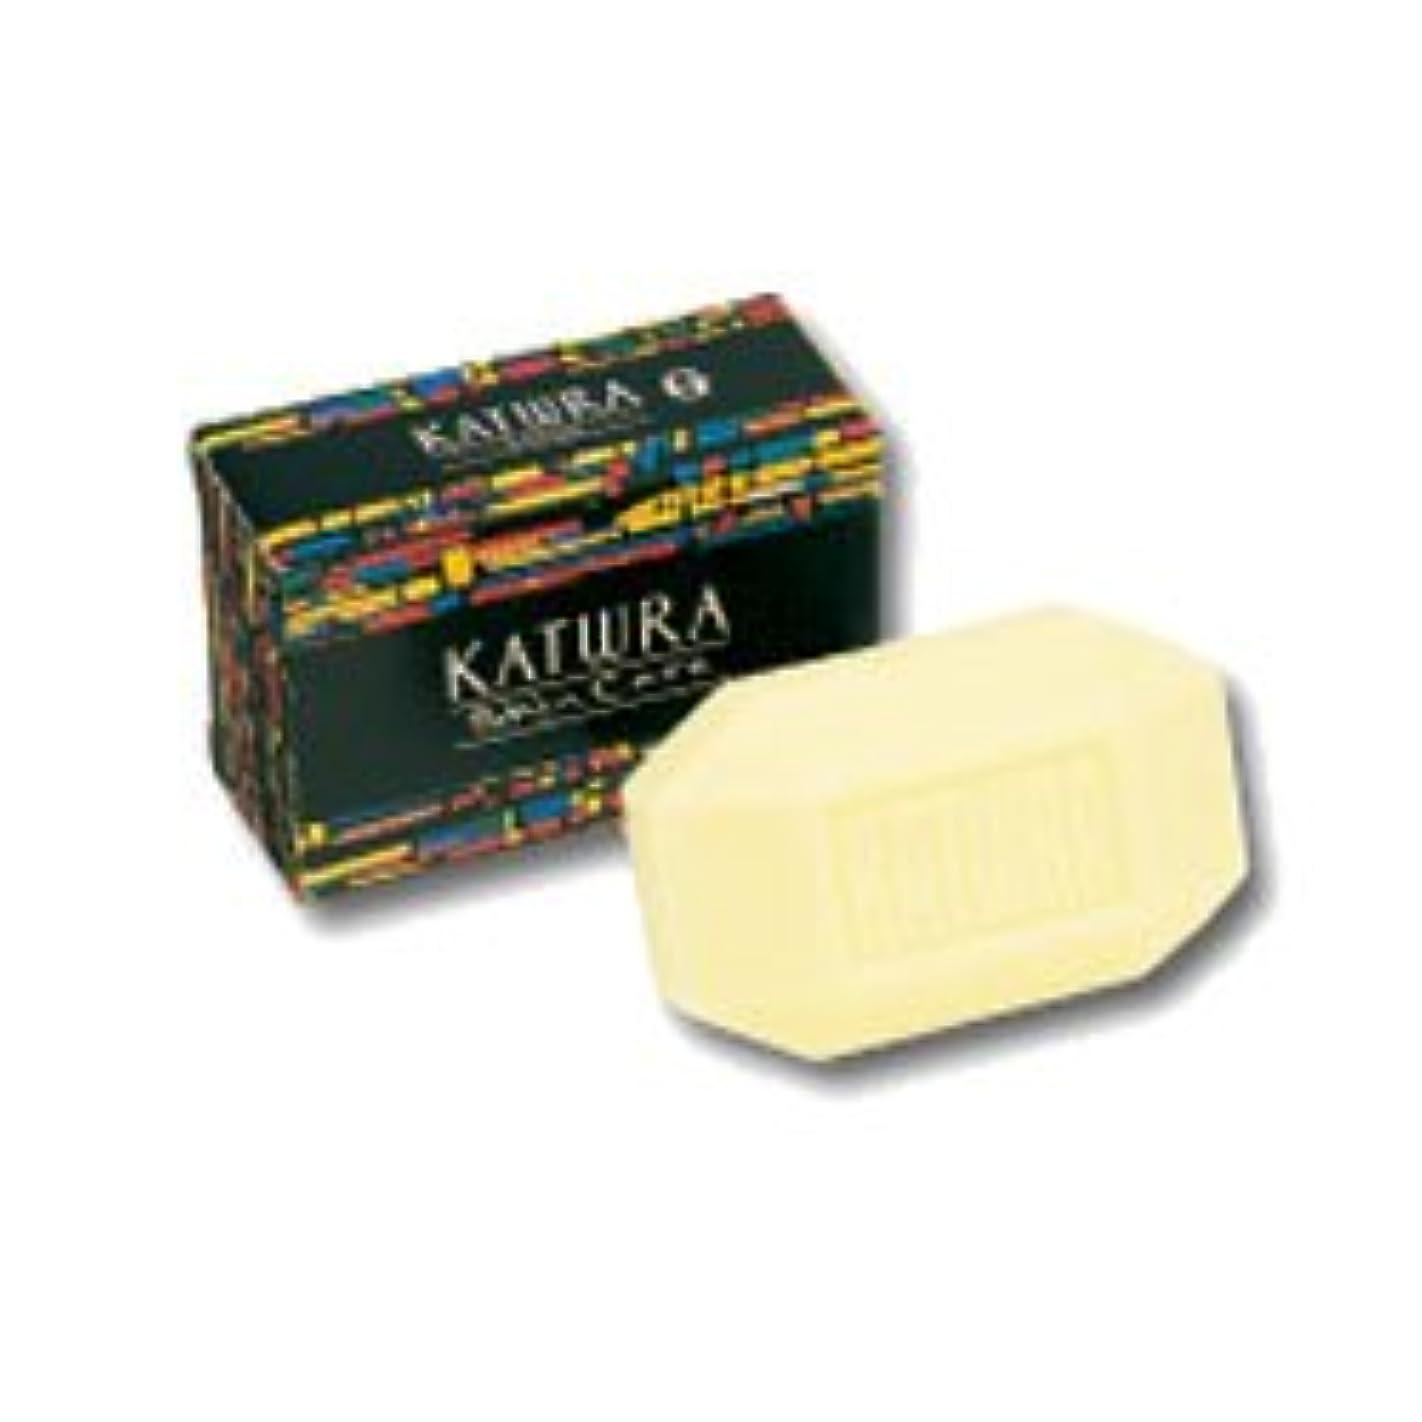 【カツウラ化粧品】カツウラ?サボン(グリーンフローラルの香り) 100g ×5個セット